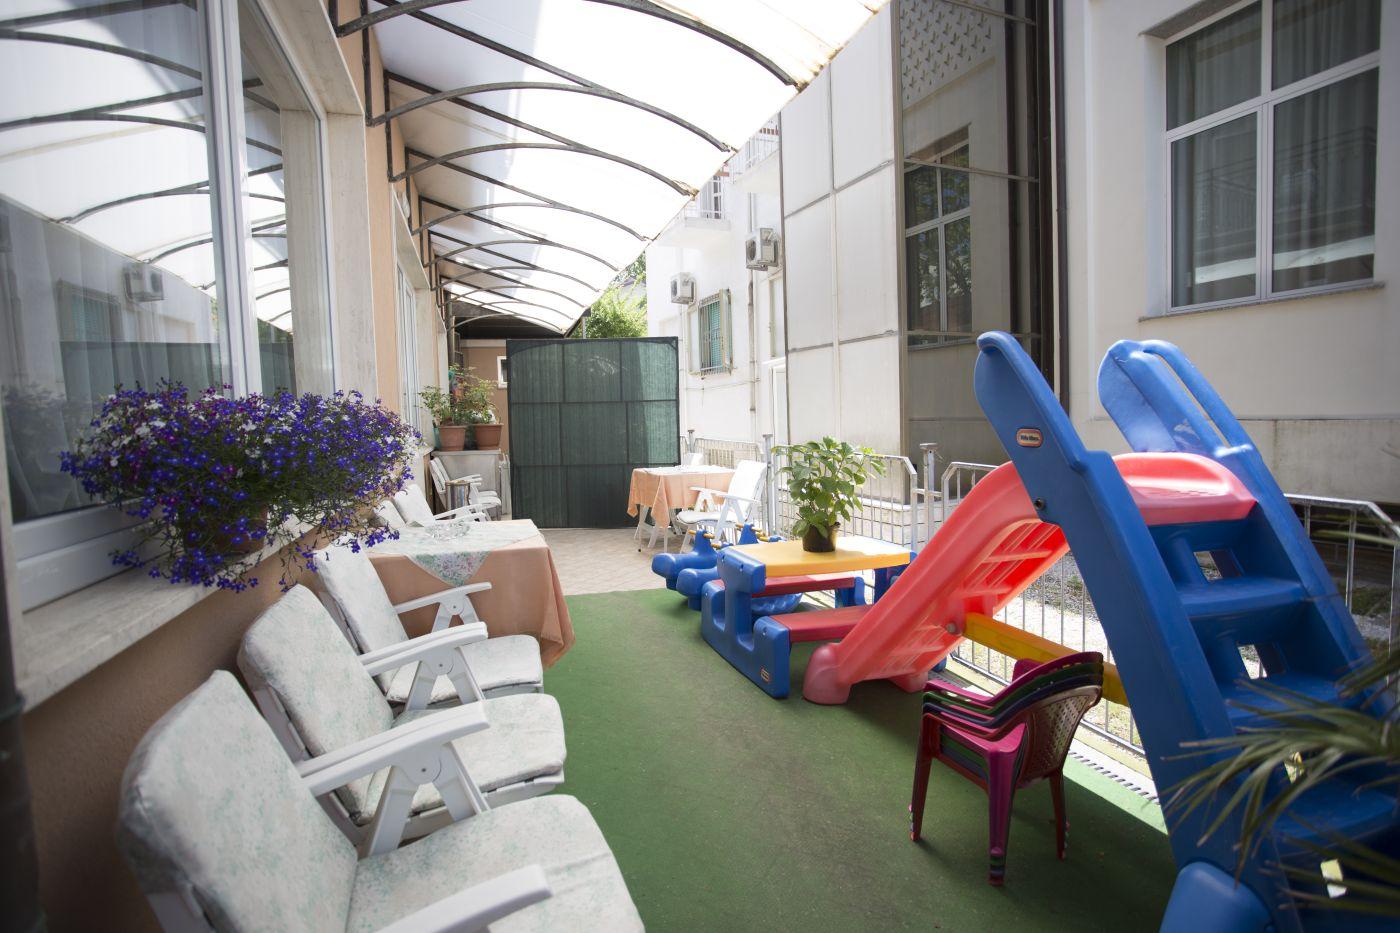 Hotel Desiree Cesenatico - Vacanze per Famiglie e Bambini